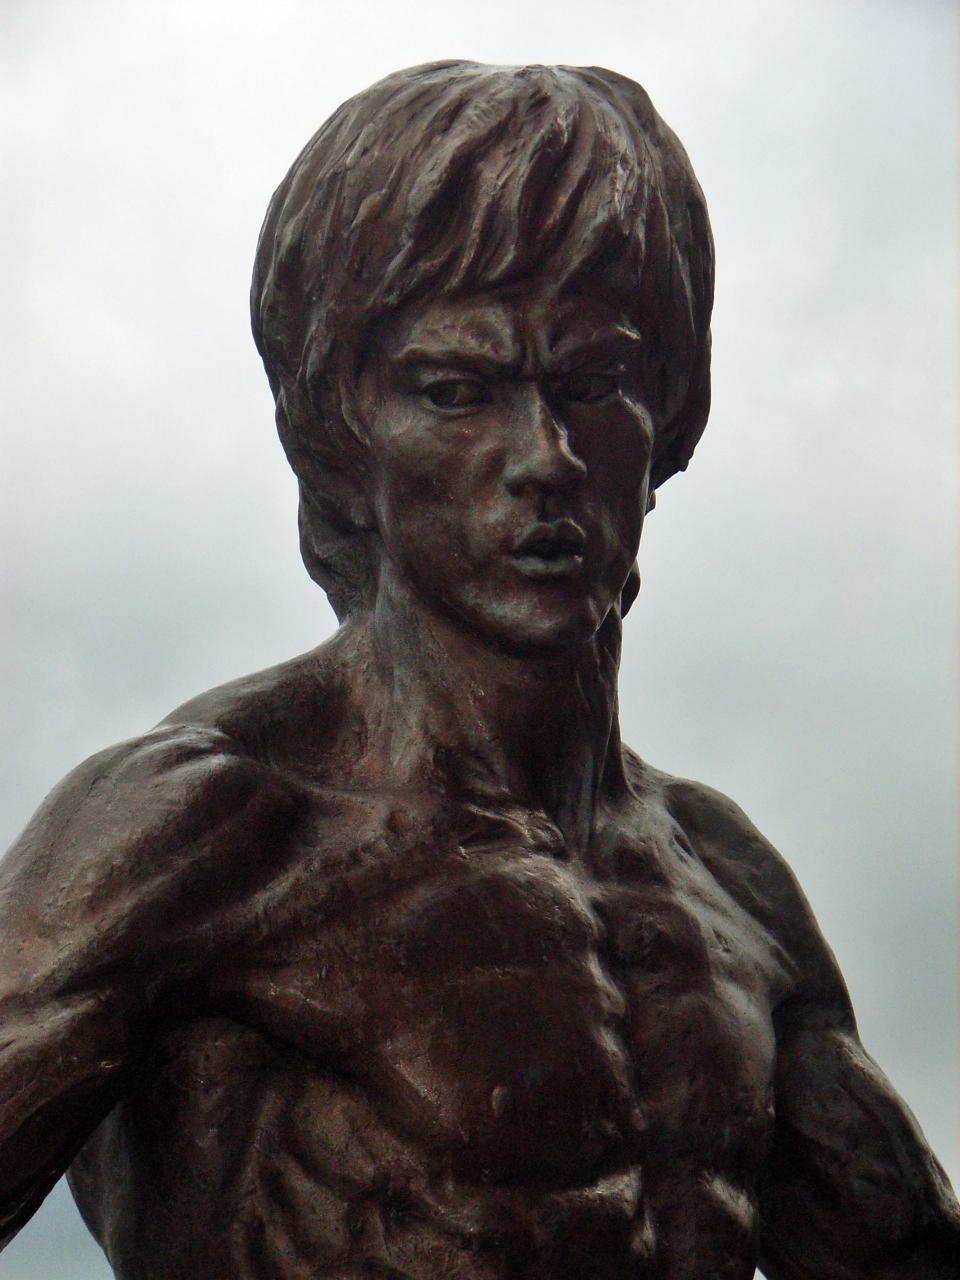 Poet Bruce Lee